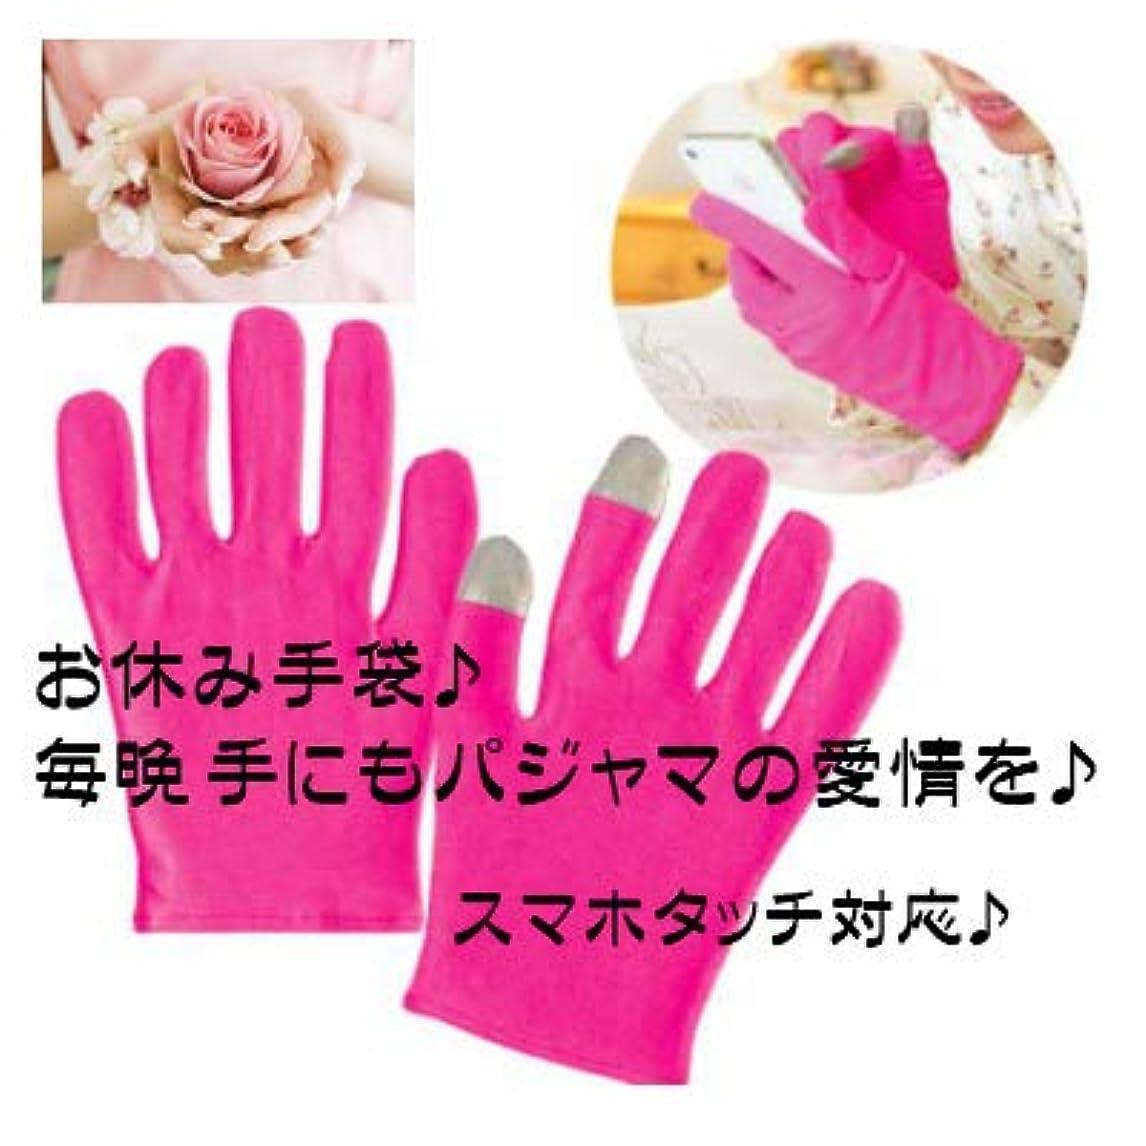 費用のれん妨げる美容ハンドケア手袋 就寝手袋 スマホタッチ対応 おやすみ手袋保湿手袋